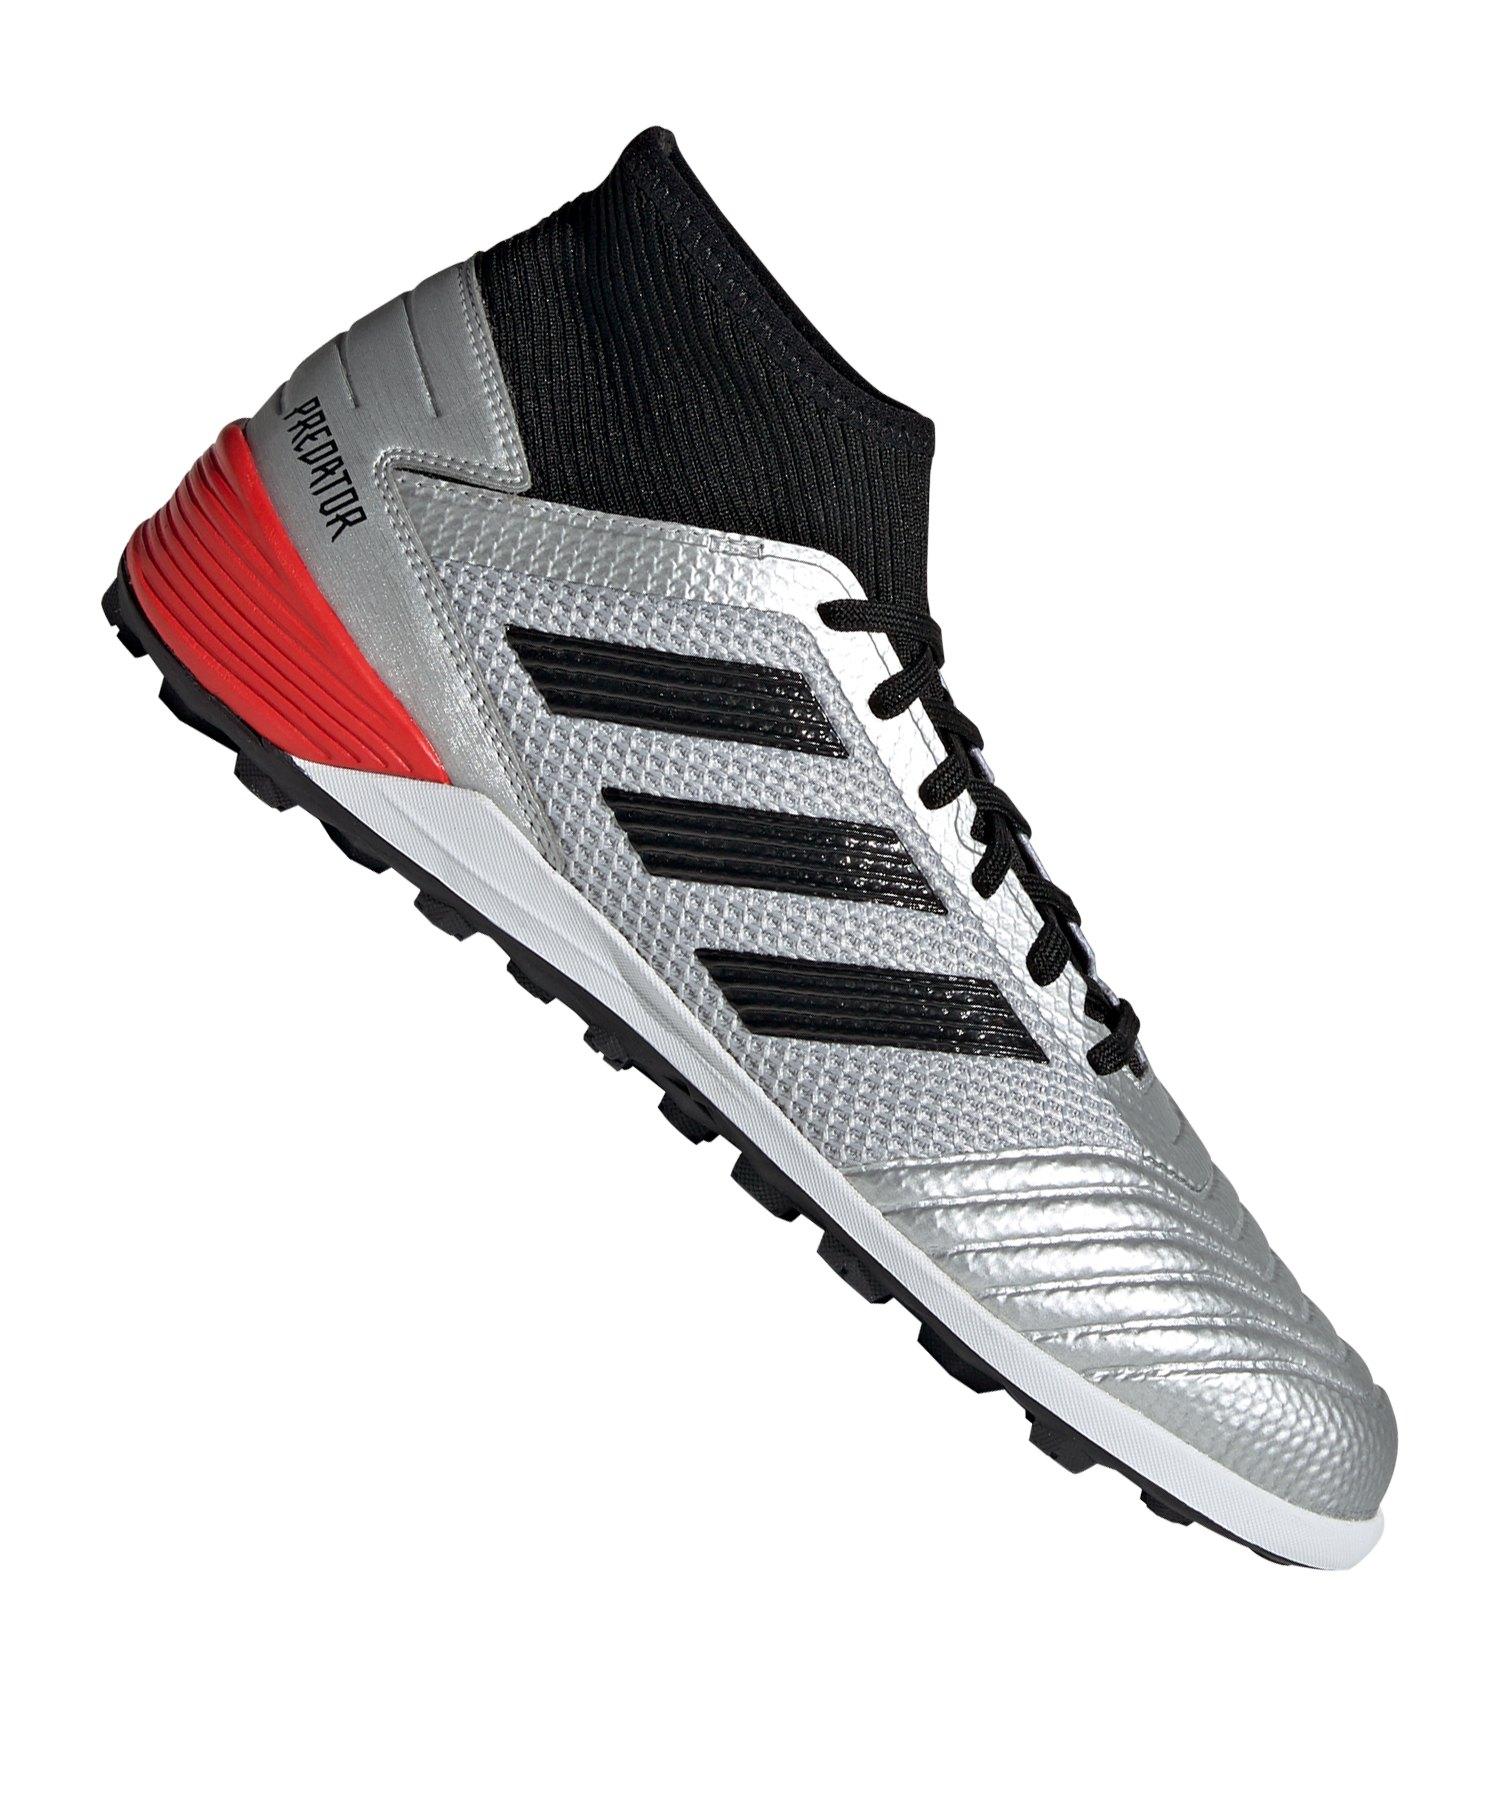 adidas Predator 19.3 TF Silber Schwarz Rot | Fußballschuh